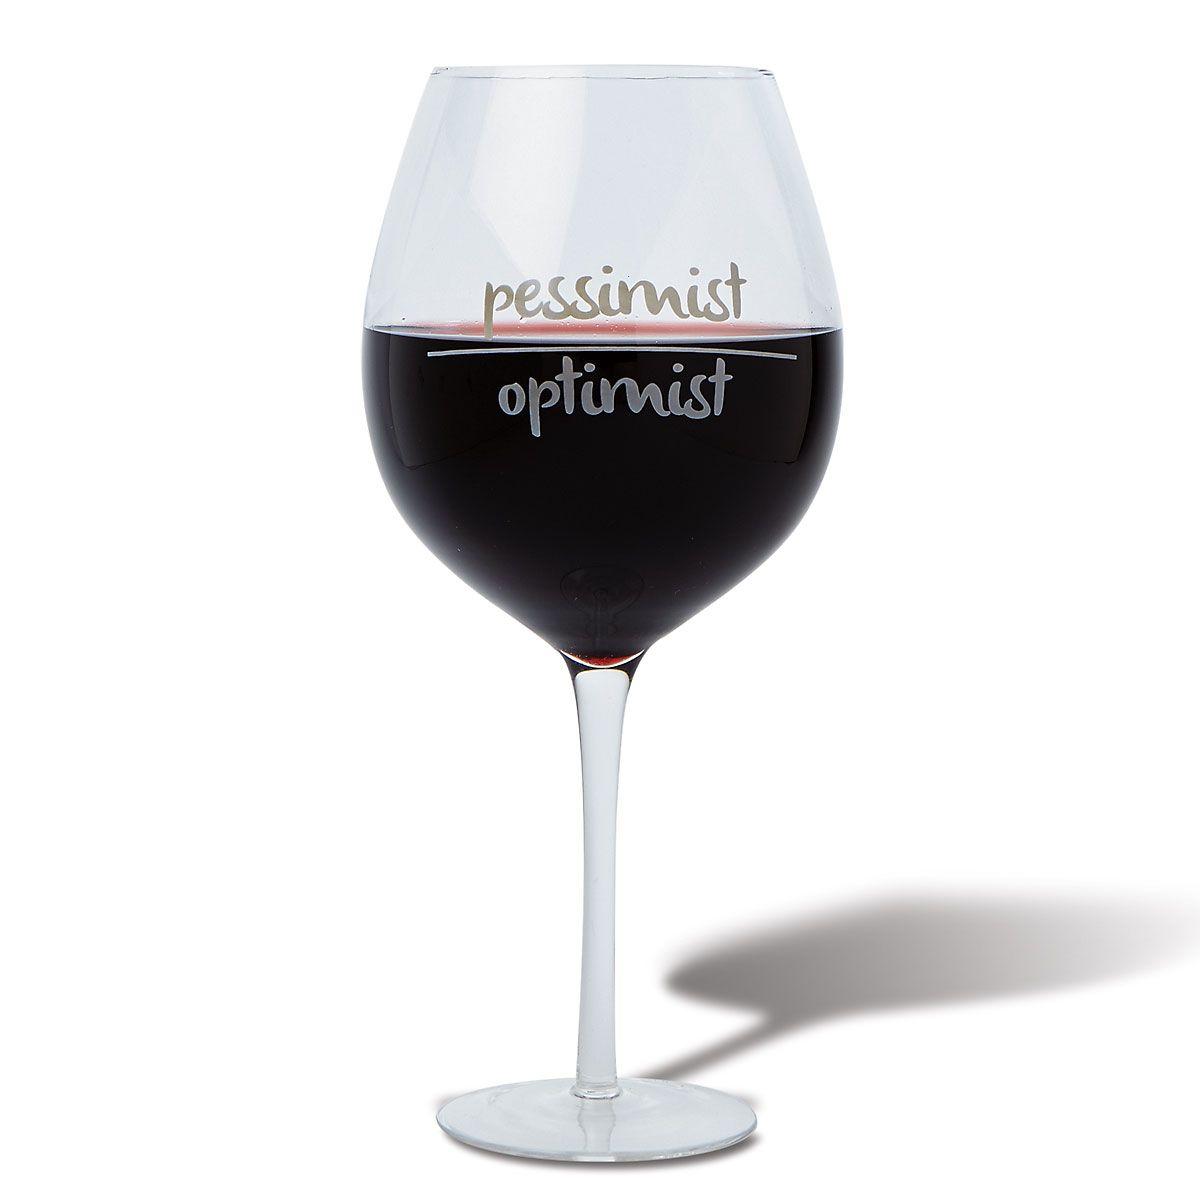 Optimist-Pessimist Giant Wineglass